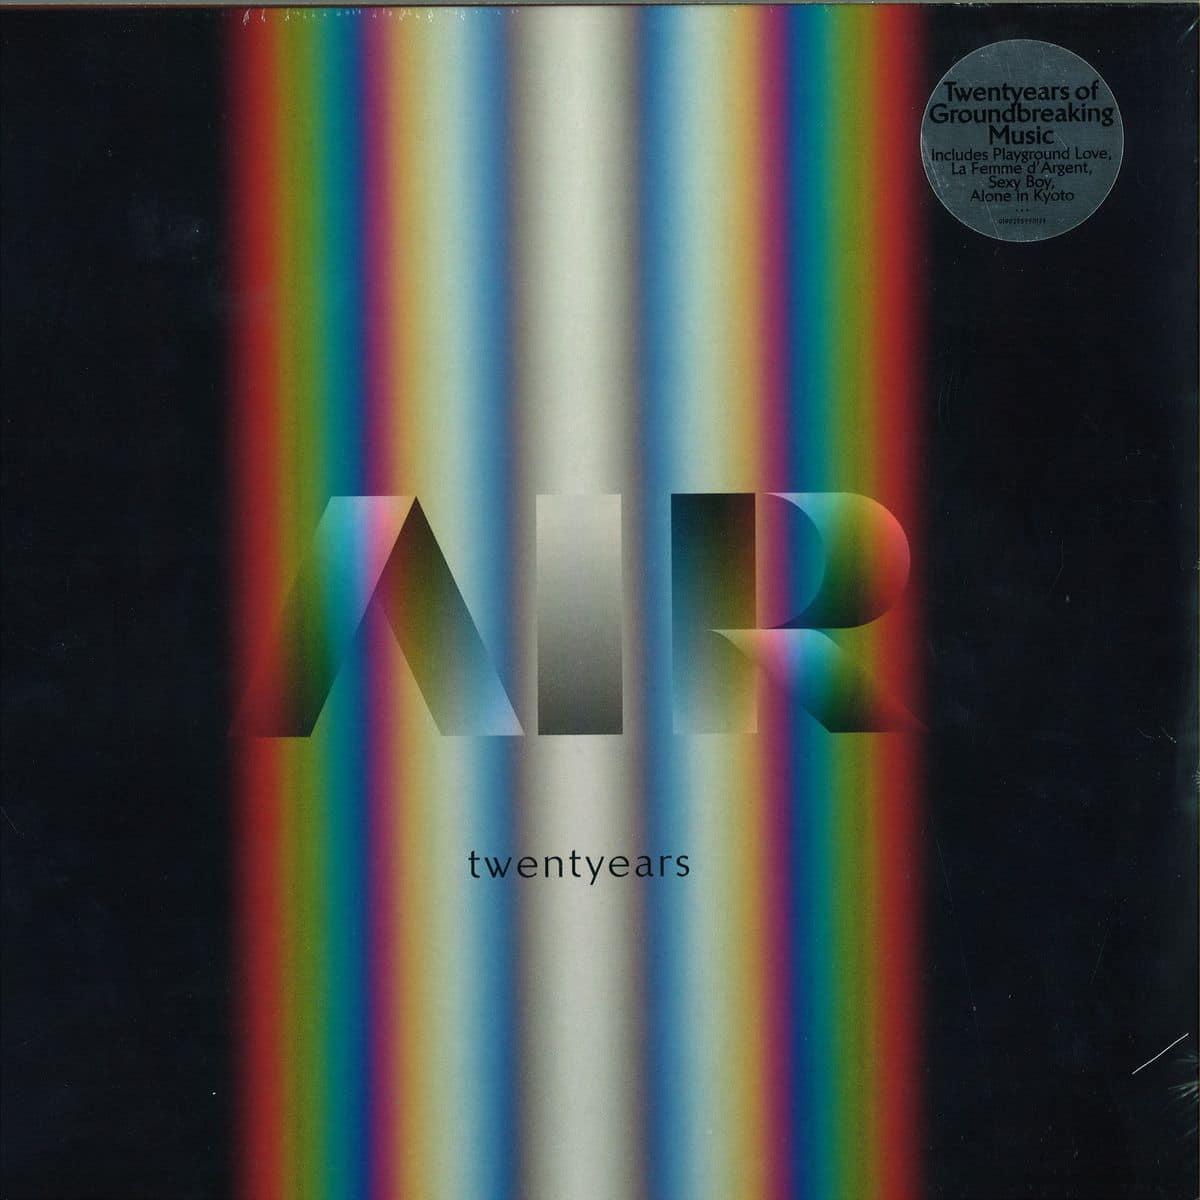 AIR - Twentyears - The Best Of